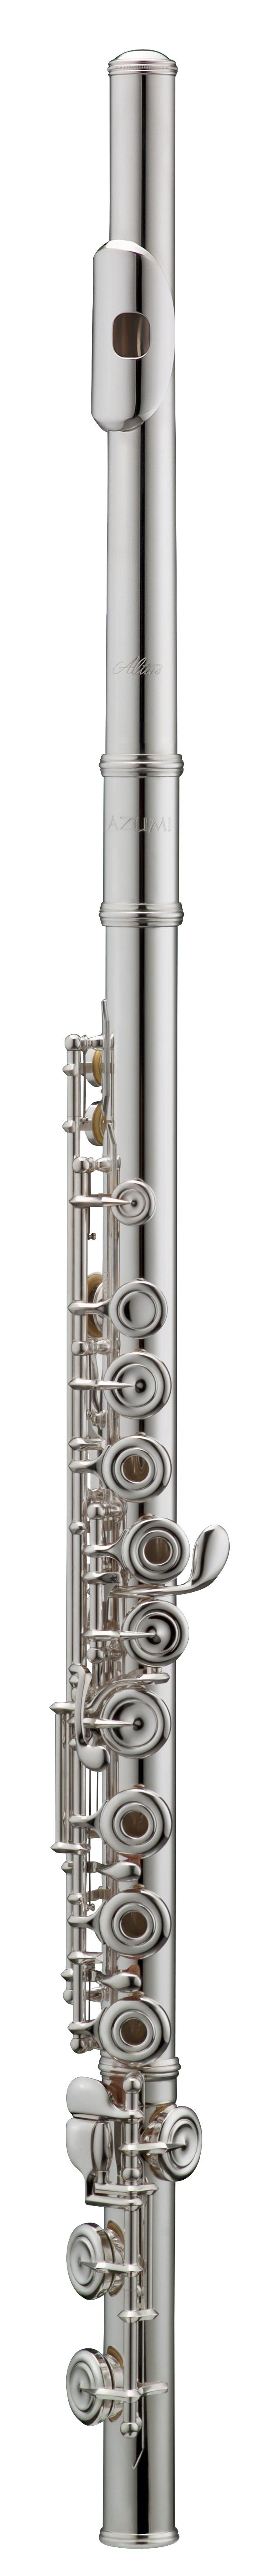 Azumi - AZ-Z2 - RCEO - Holzblasinstrumente - Flöten mit E-Mechanik | MUSIK BERTRAM Deutschland Freiburg